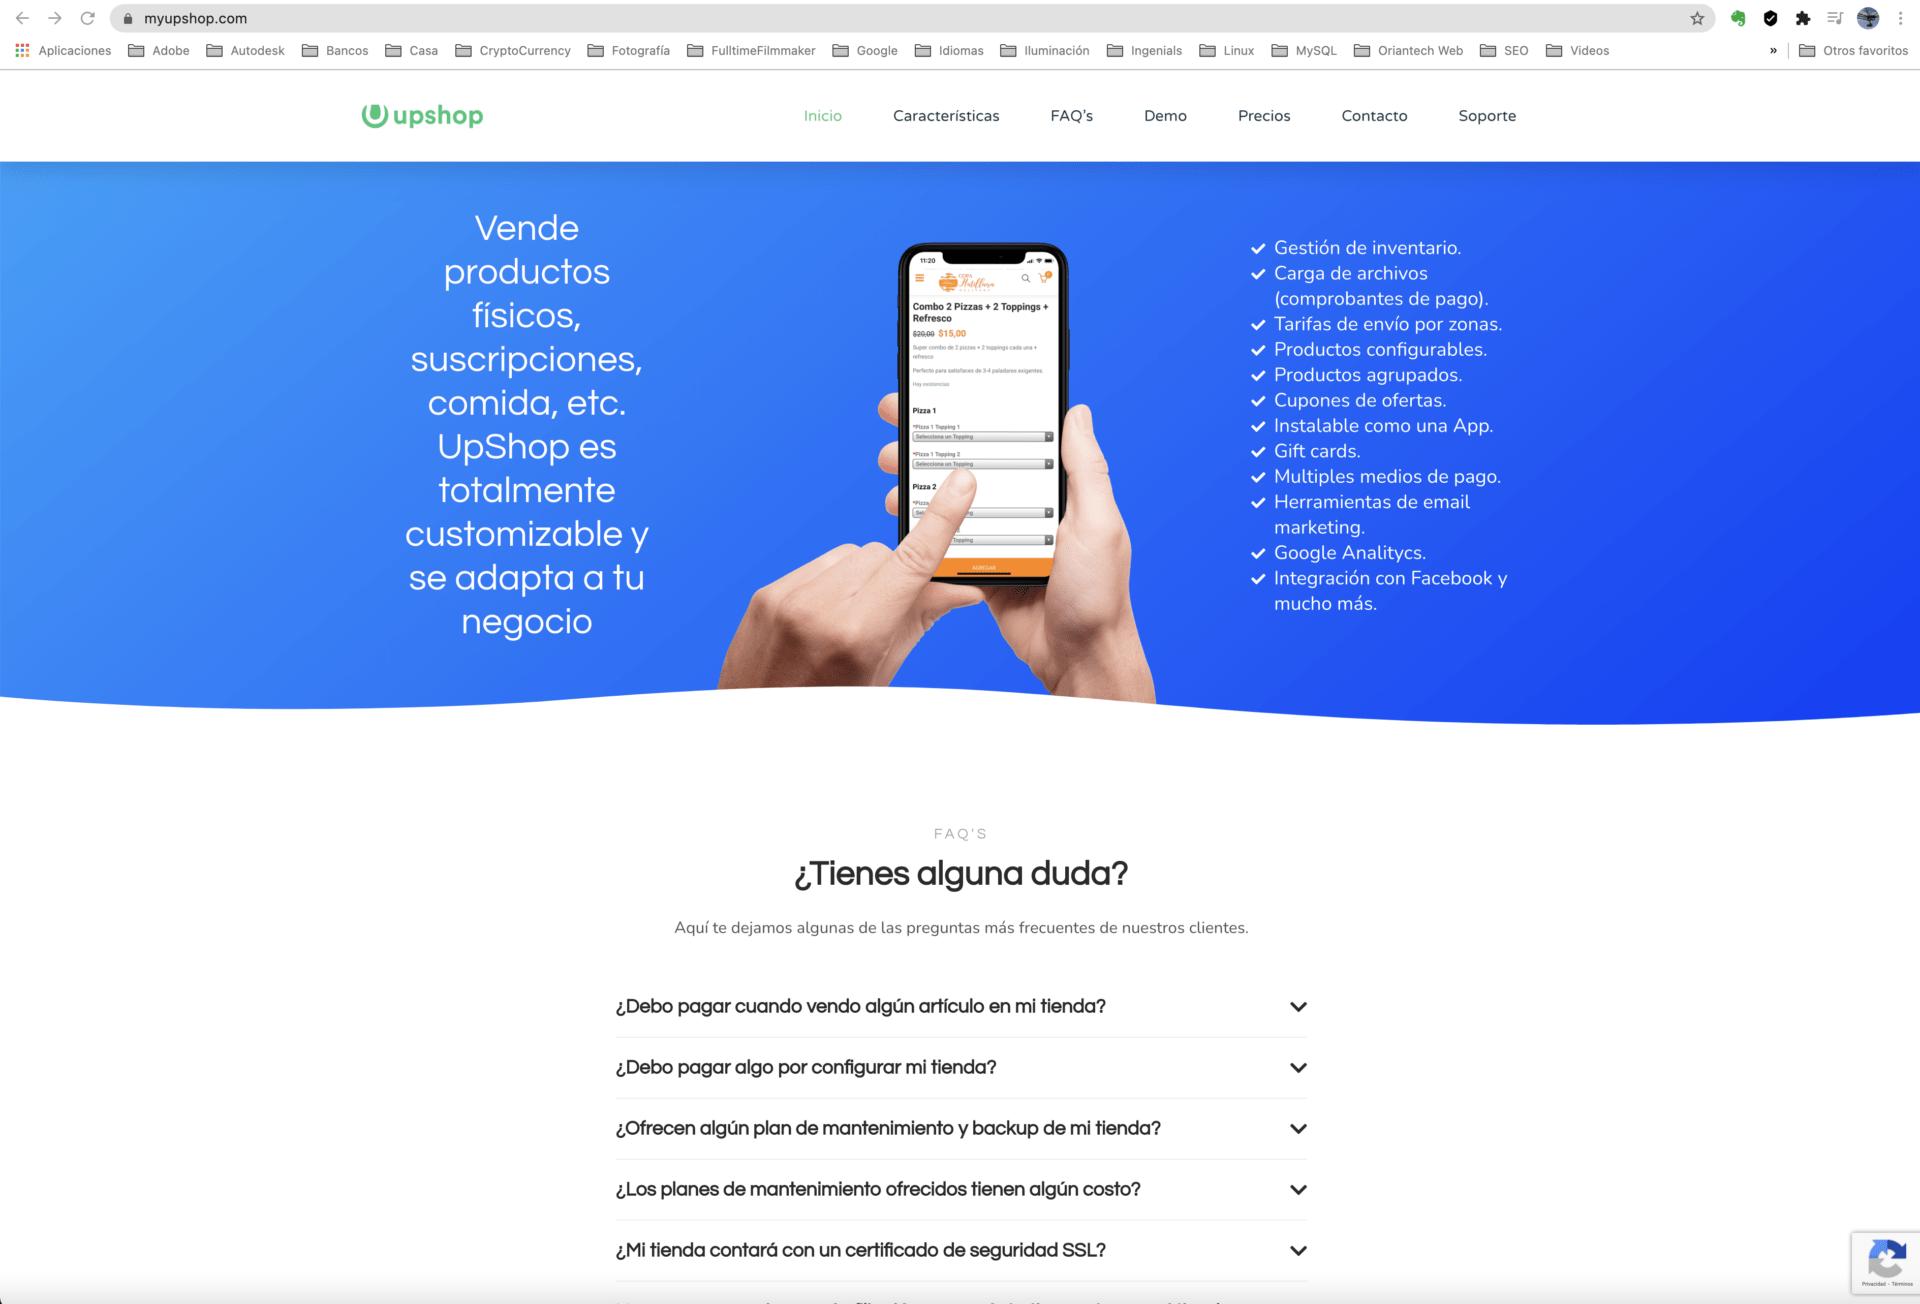 Oriantech-myupshop-ecommerce-5